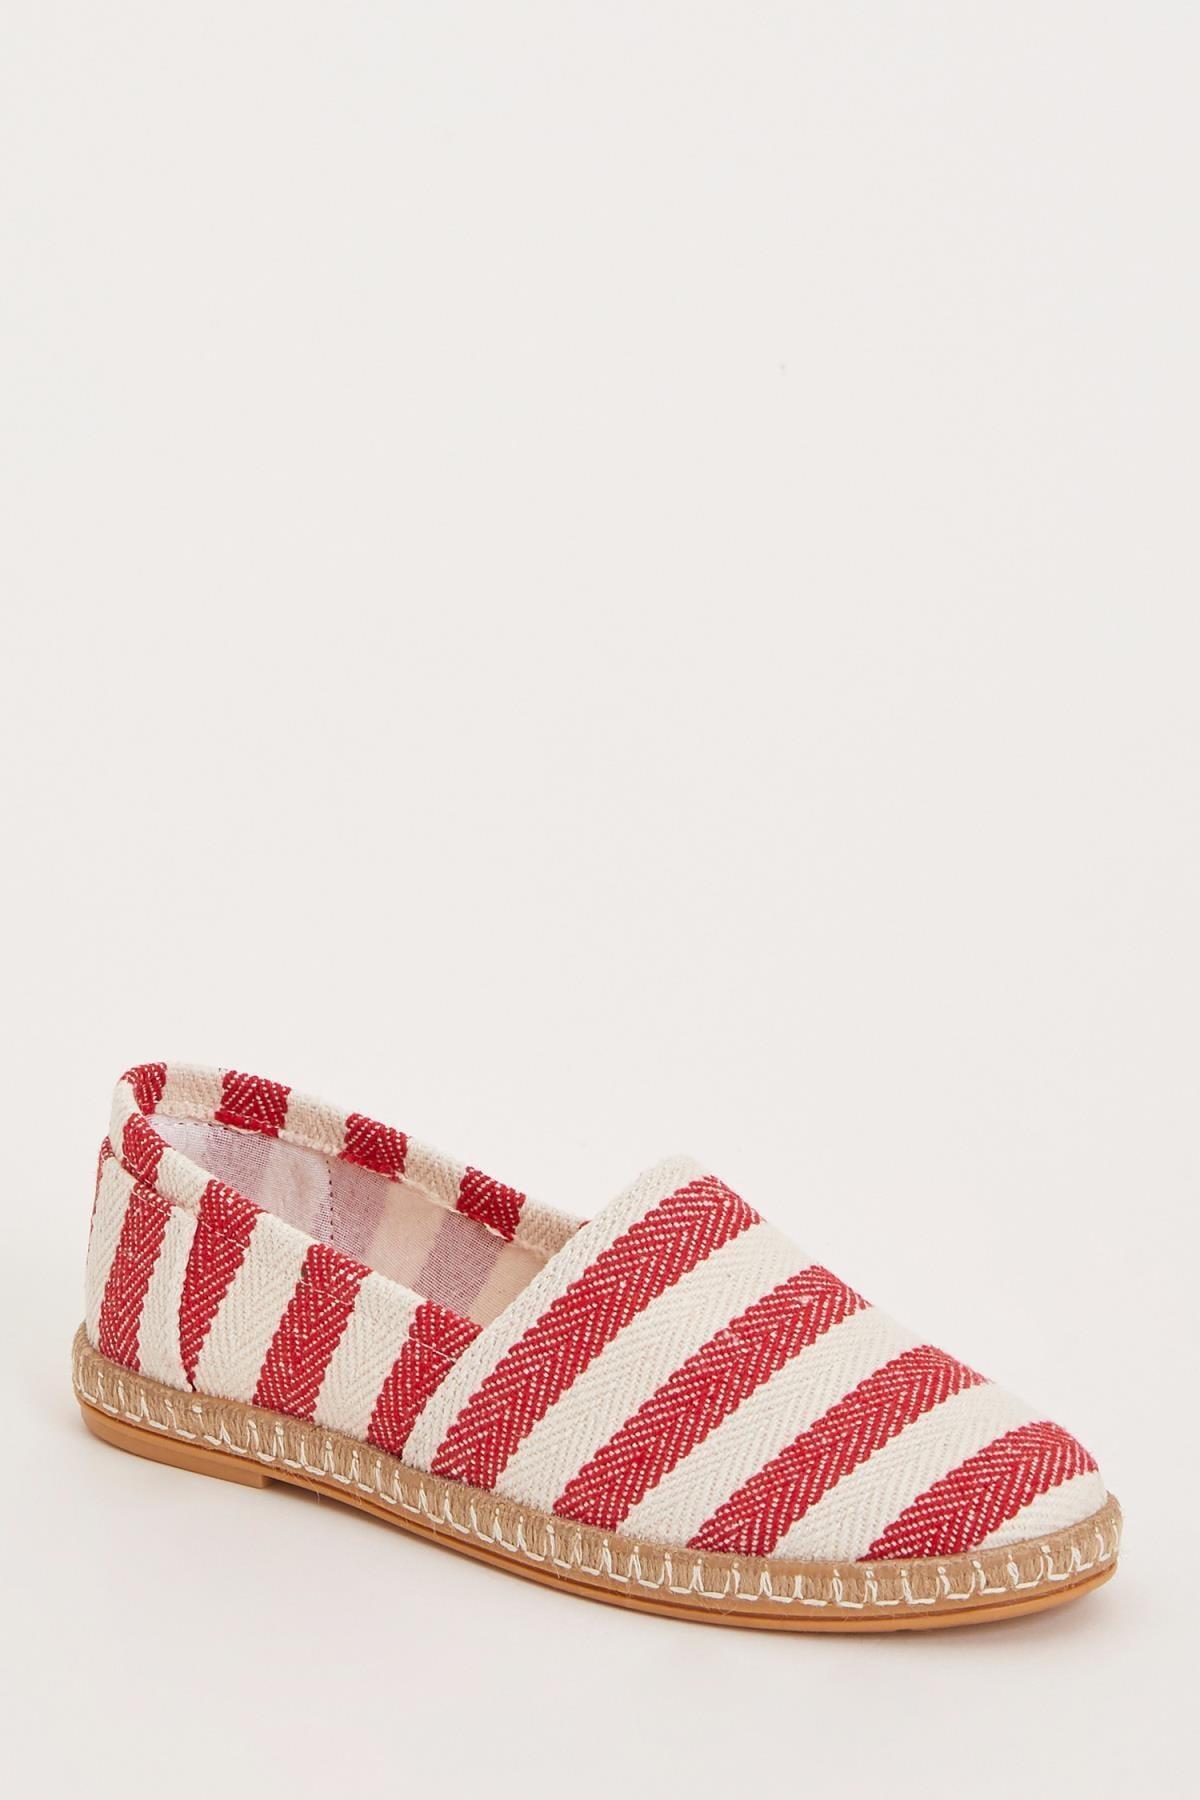 DeFacto Kadın Kırmızı Espadril Ayakkabı L3978AZ.19HS.RD1